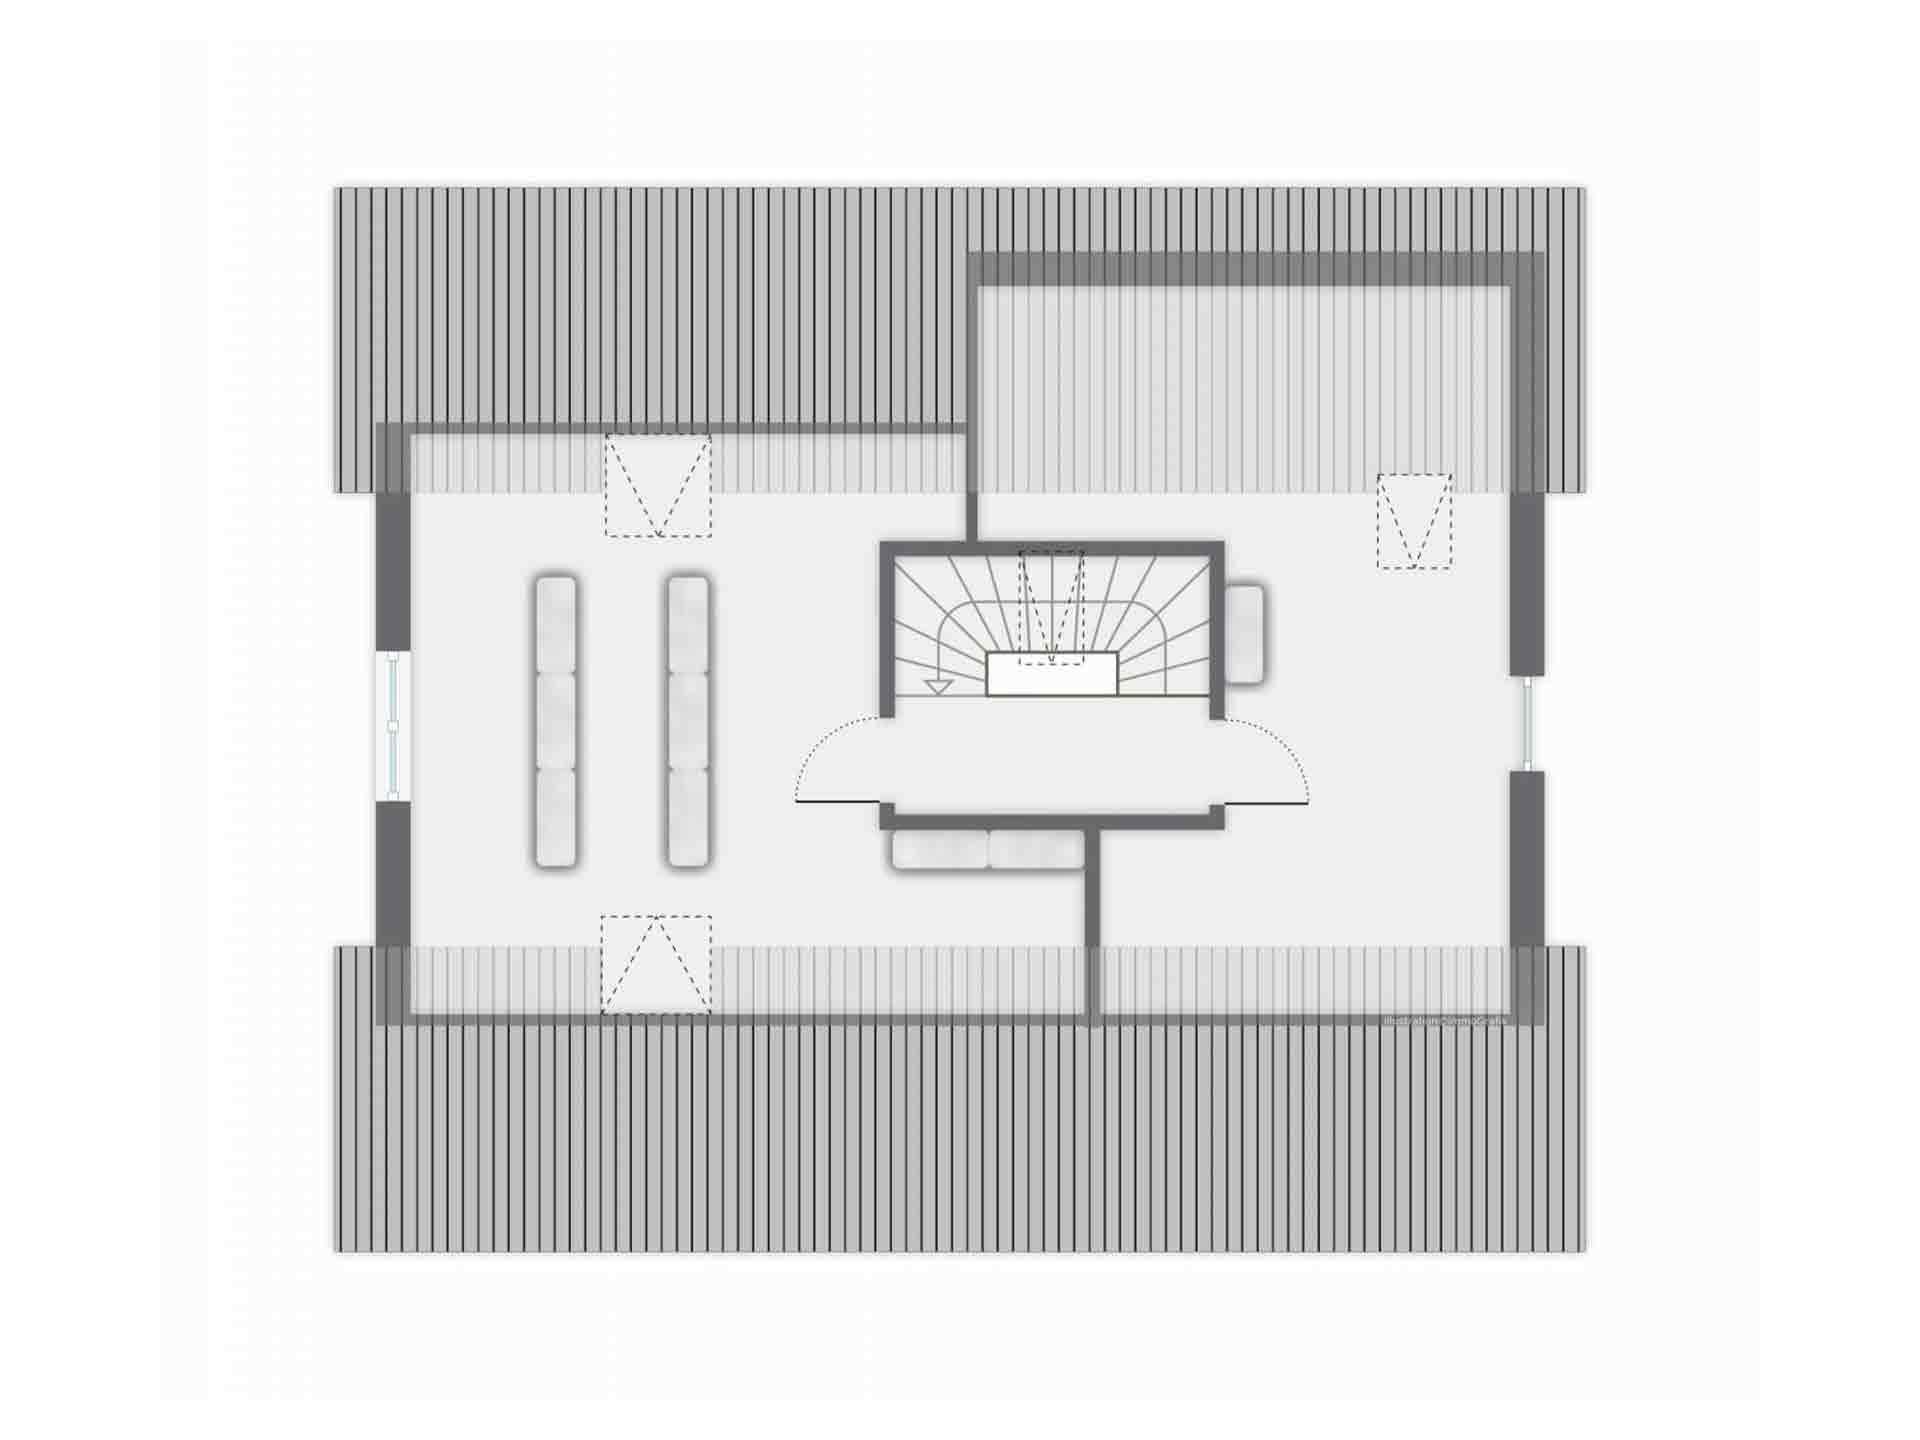 Haus Ponticelli - Eine Nahaufnahme eines Geräts - Gussek Haus